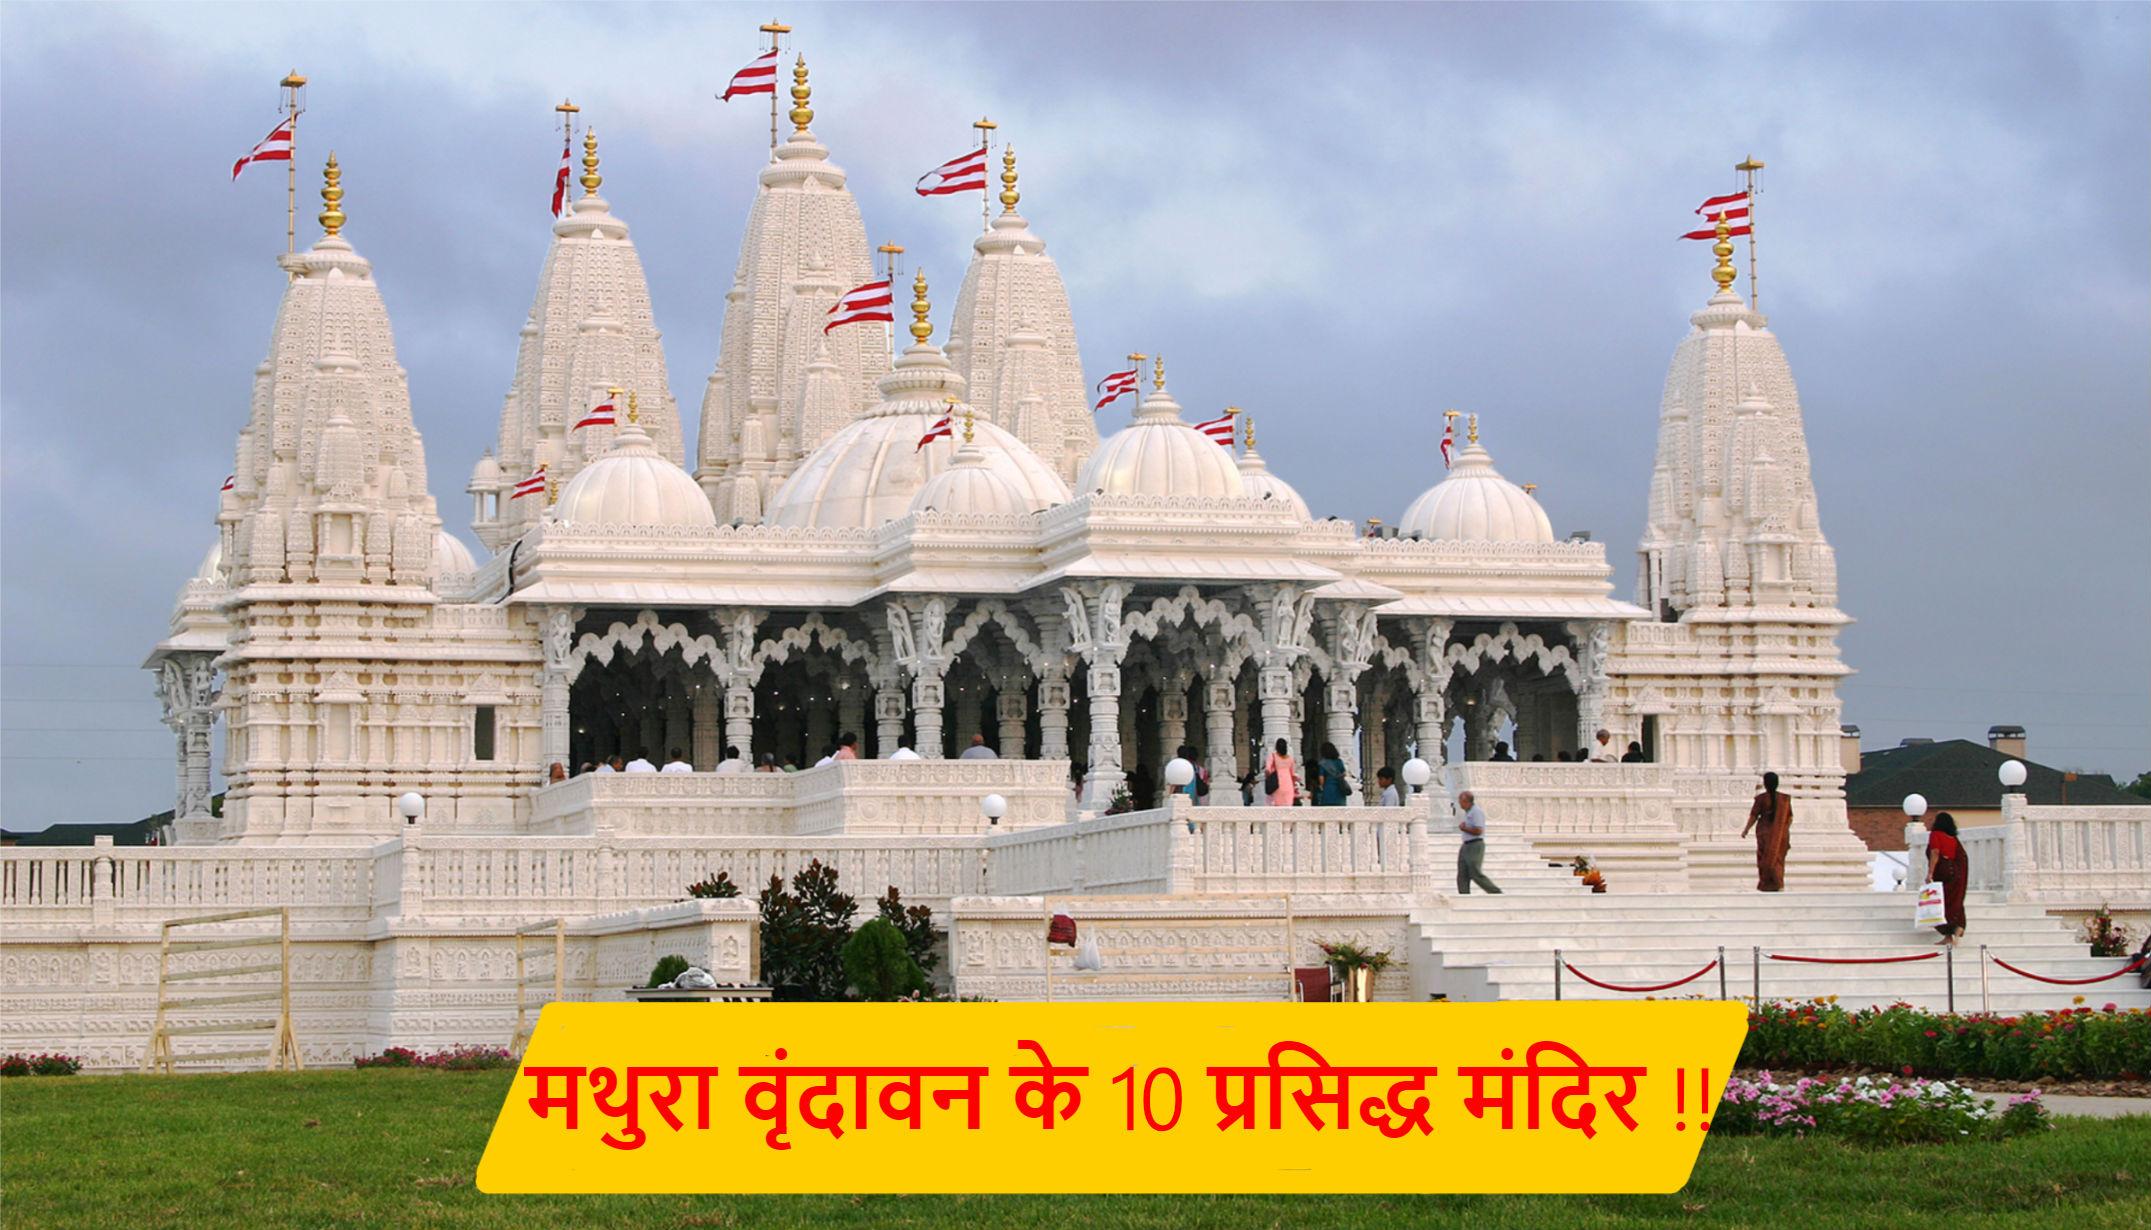 मथुरा वृंदावन के 10 प्रसिद्ध मंदिर / दर्शनीय स्थल !!